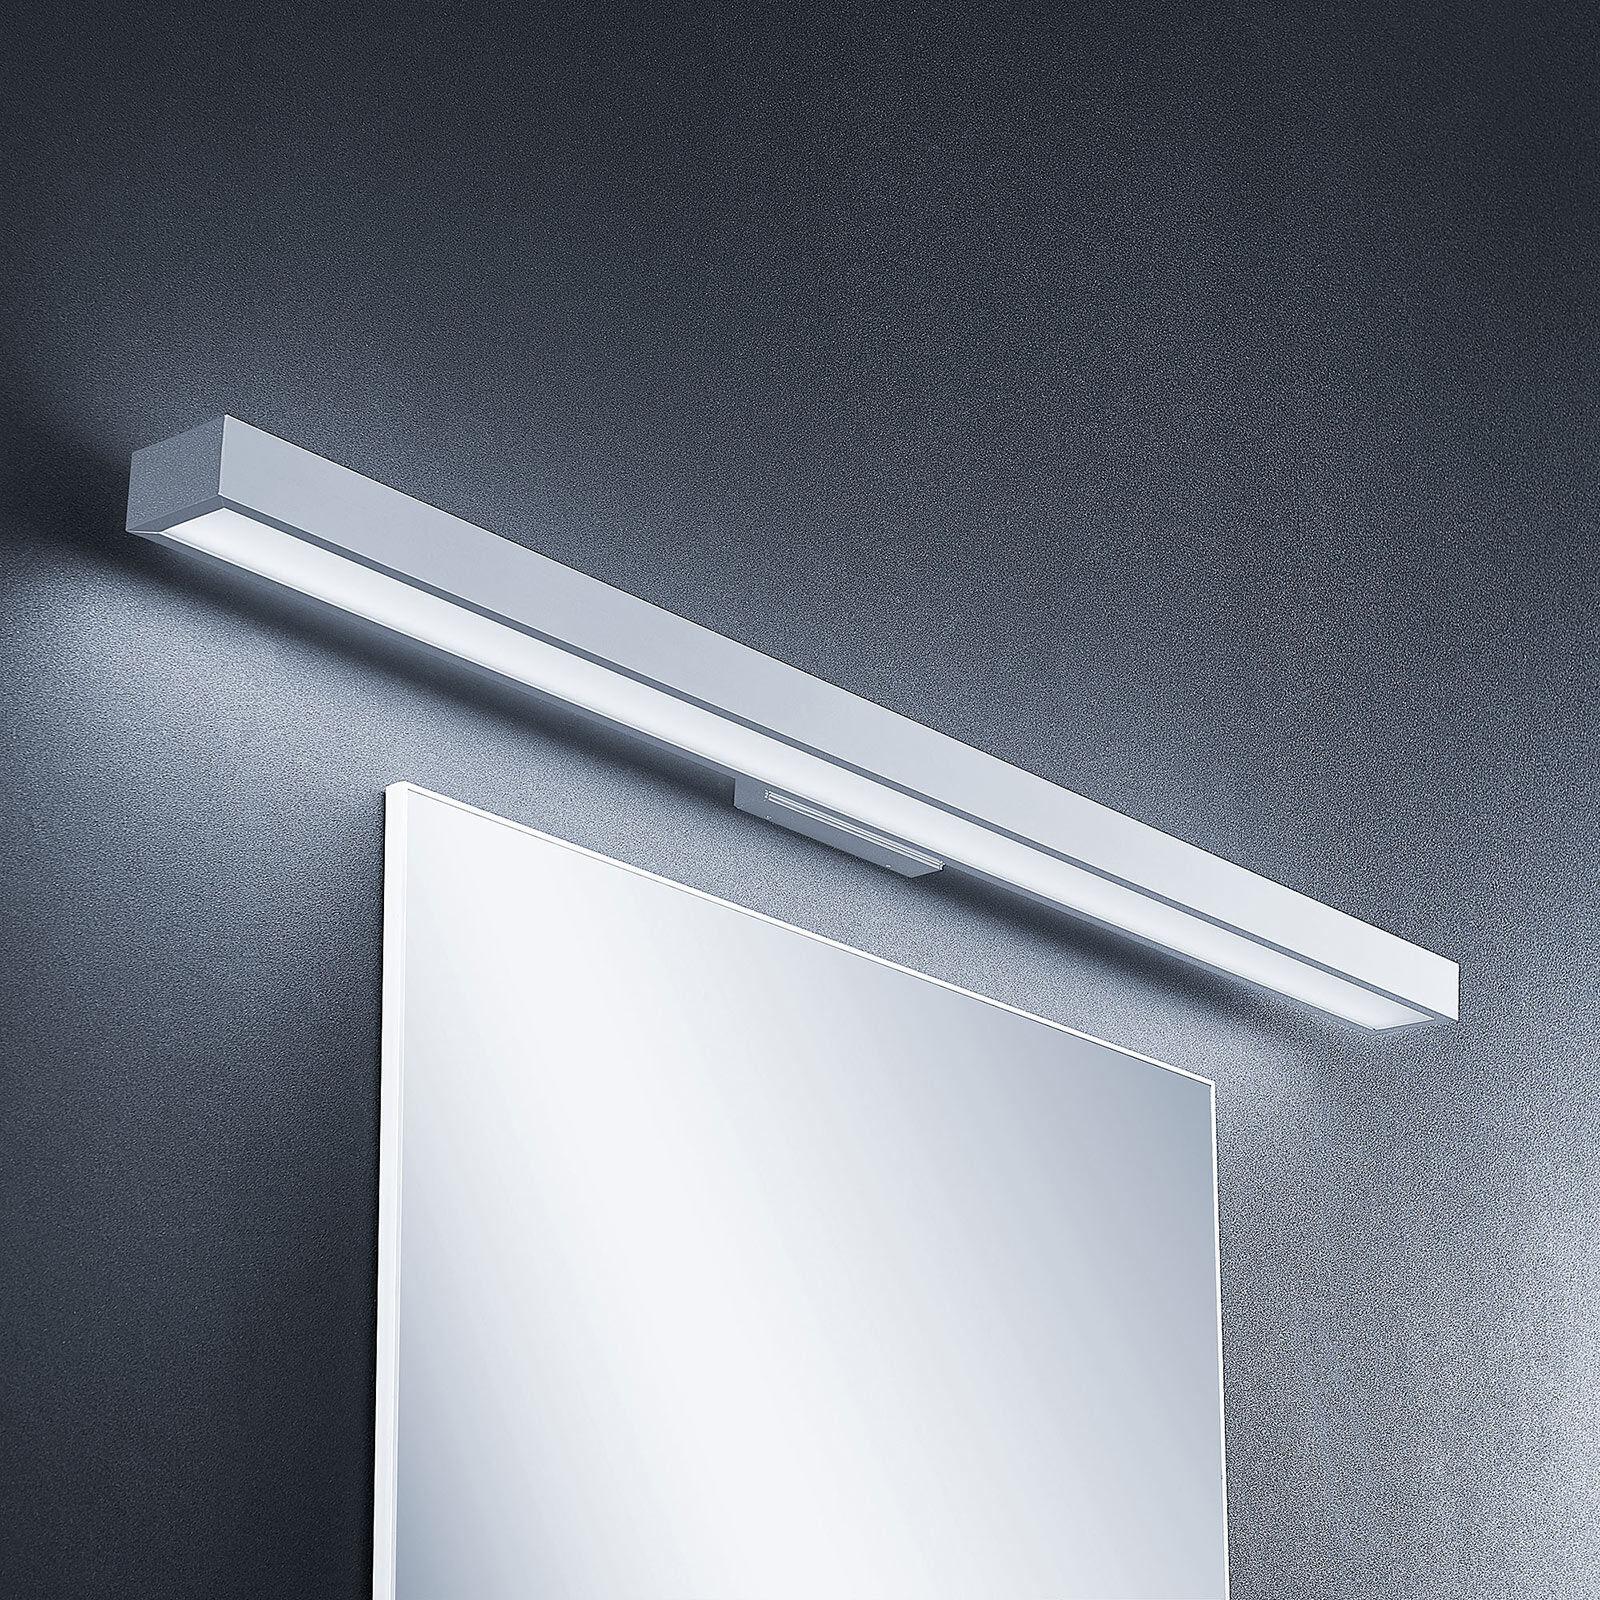 Lindby Janus LED-spejllampe til badeværelse 120 cm